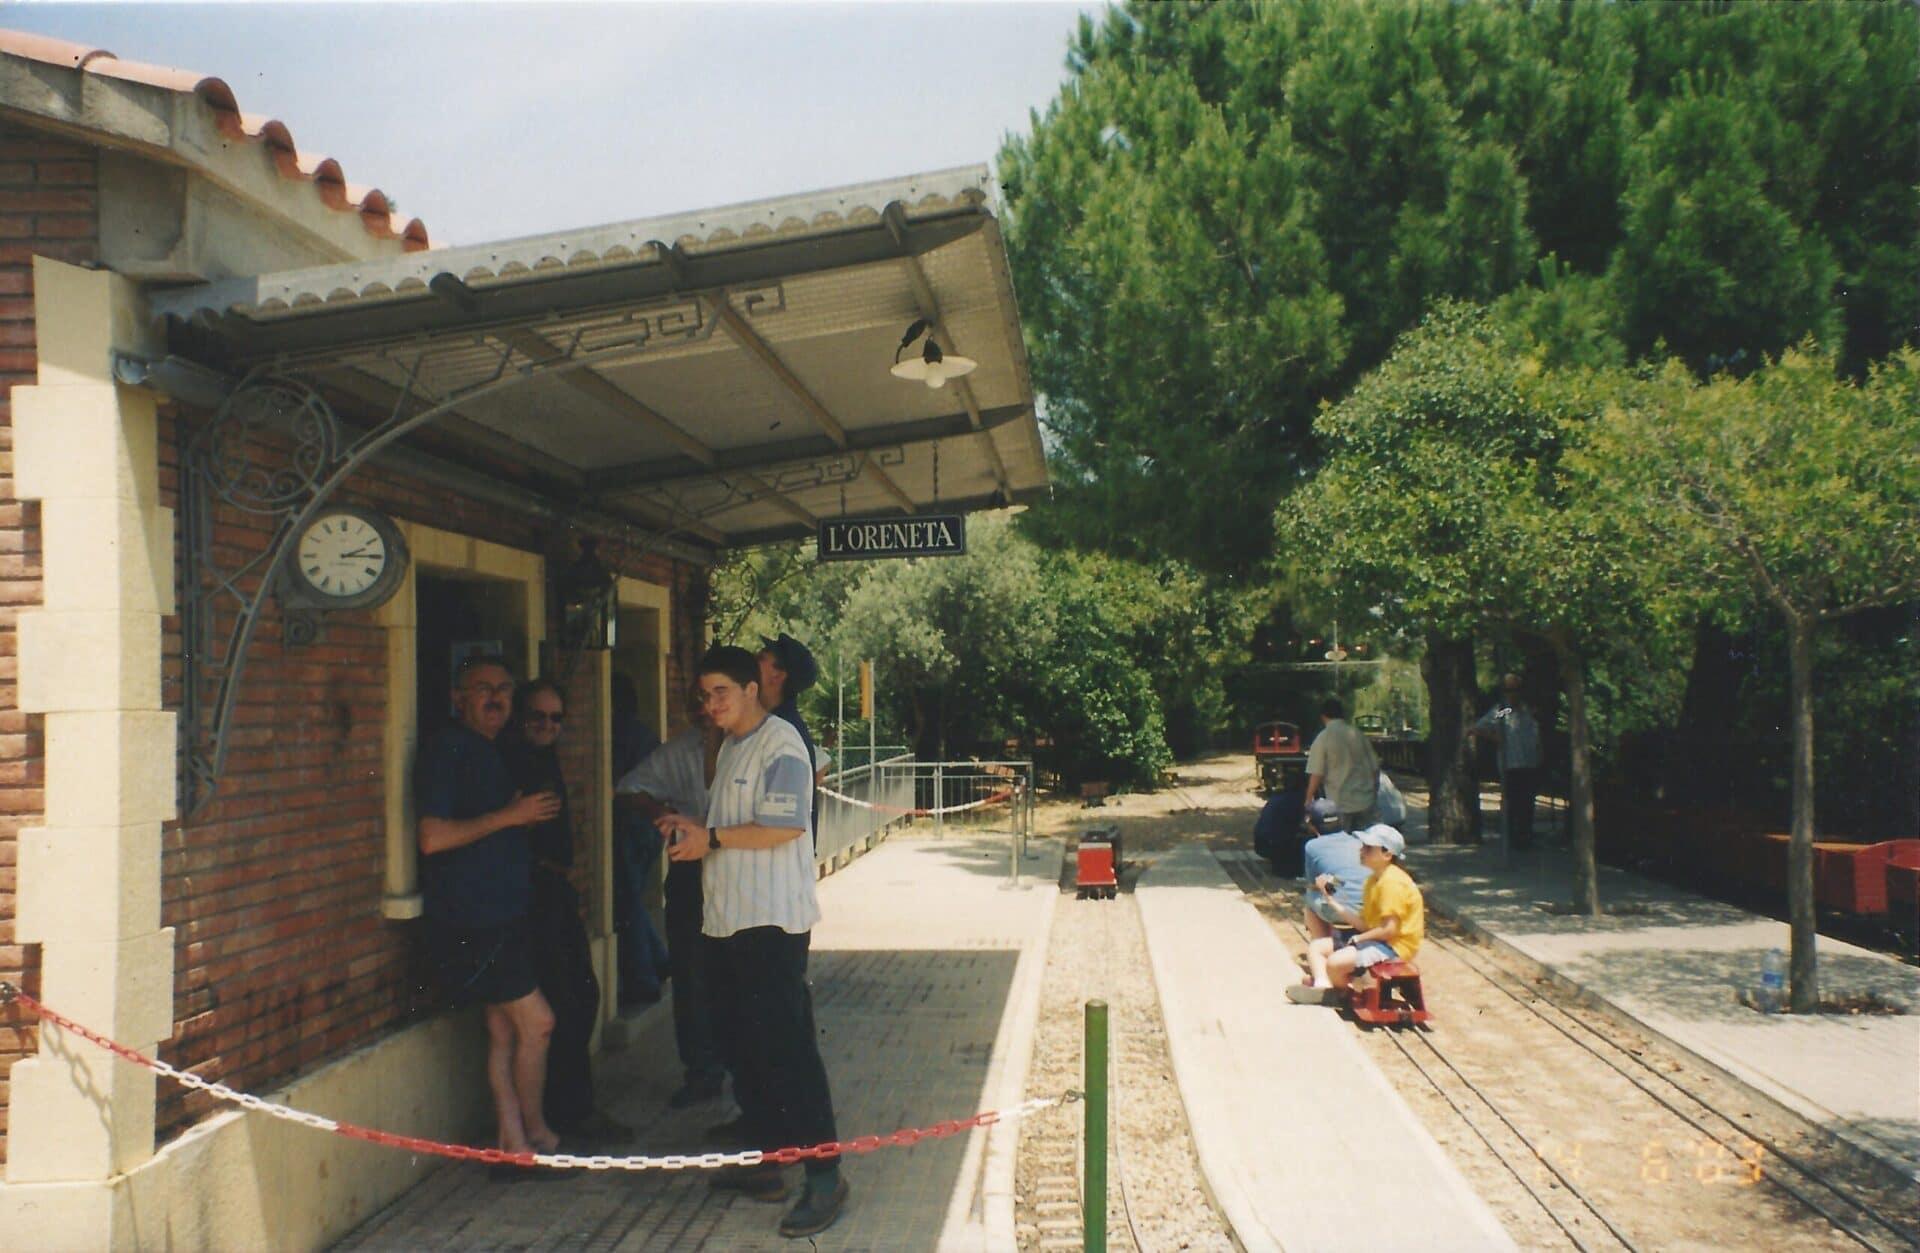 Estación de L'Oreneta